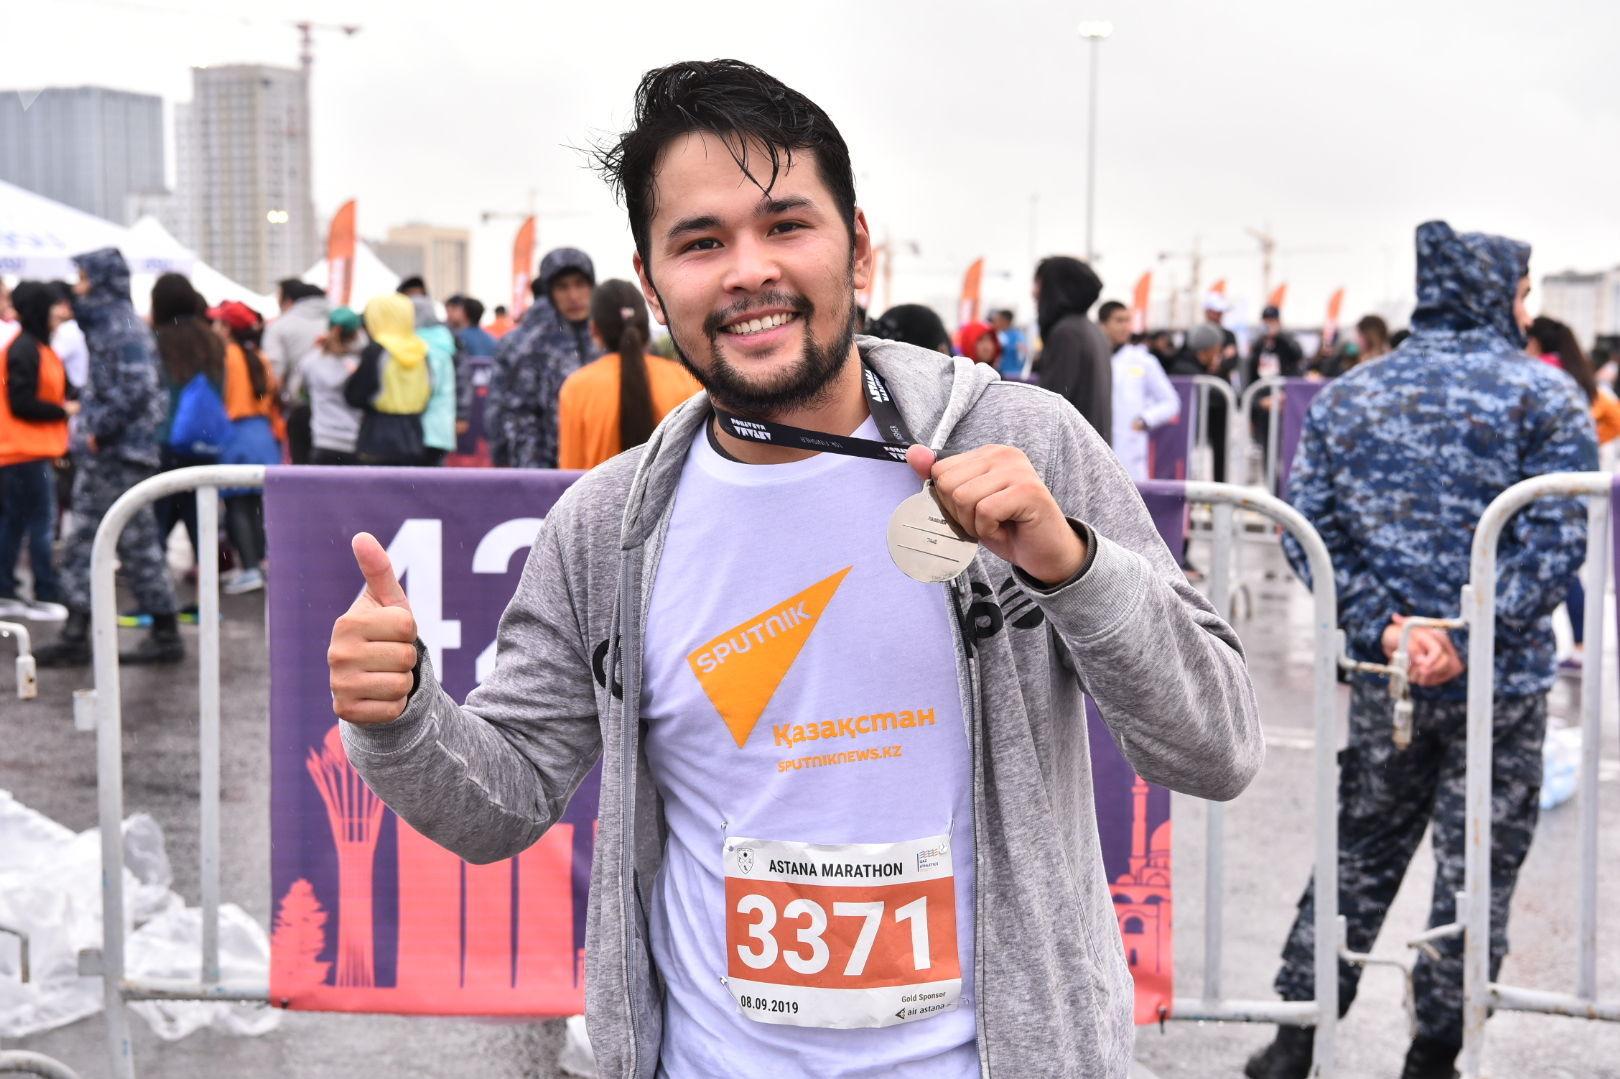 Сотрудники агентства Sputnik Казахстан после преодоления марафона